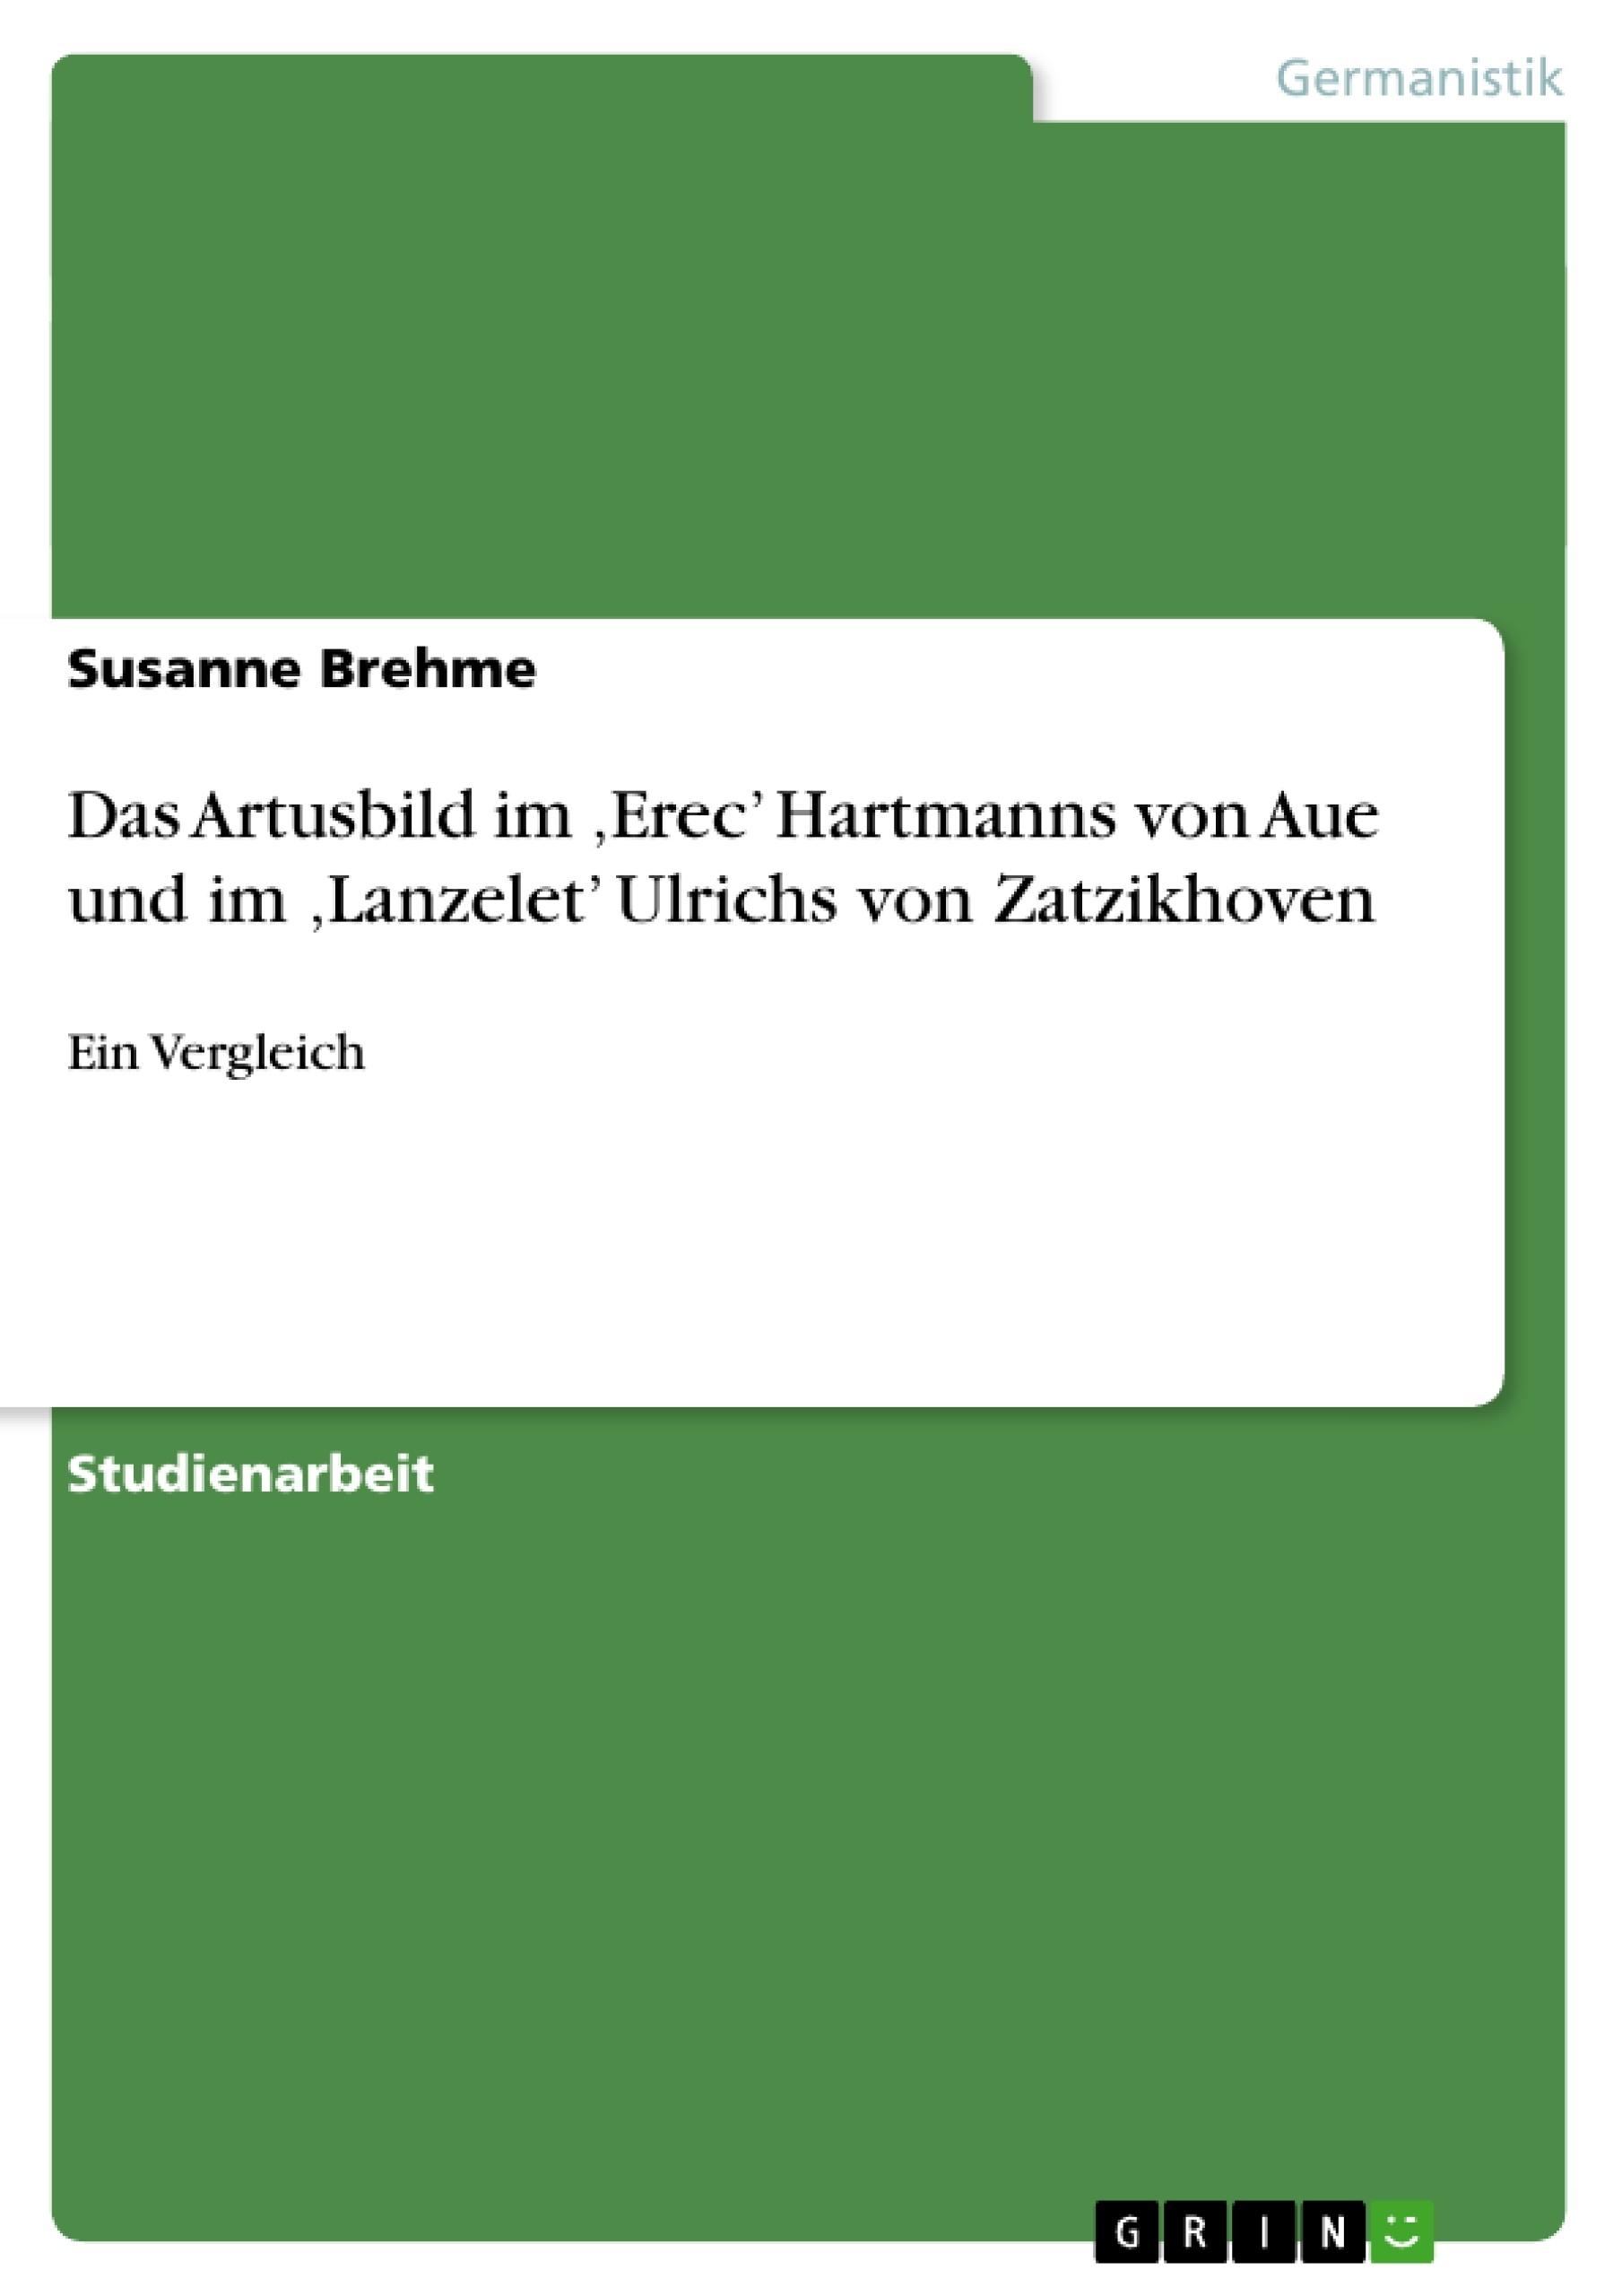 Titel: Das Artusbild im 'Erec' Hartmanns von Aue und im 'Lanzelet' Ulrichs von Zatzikhoven